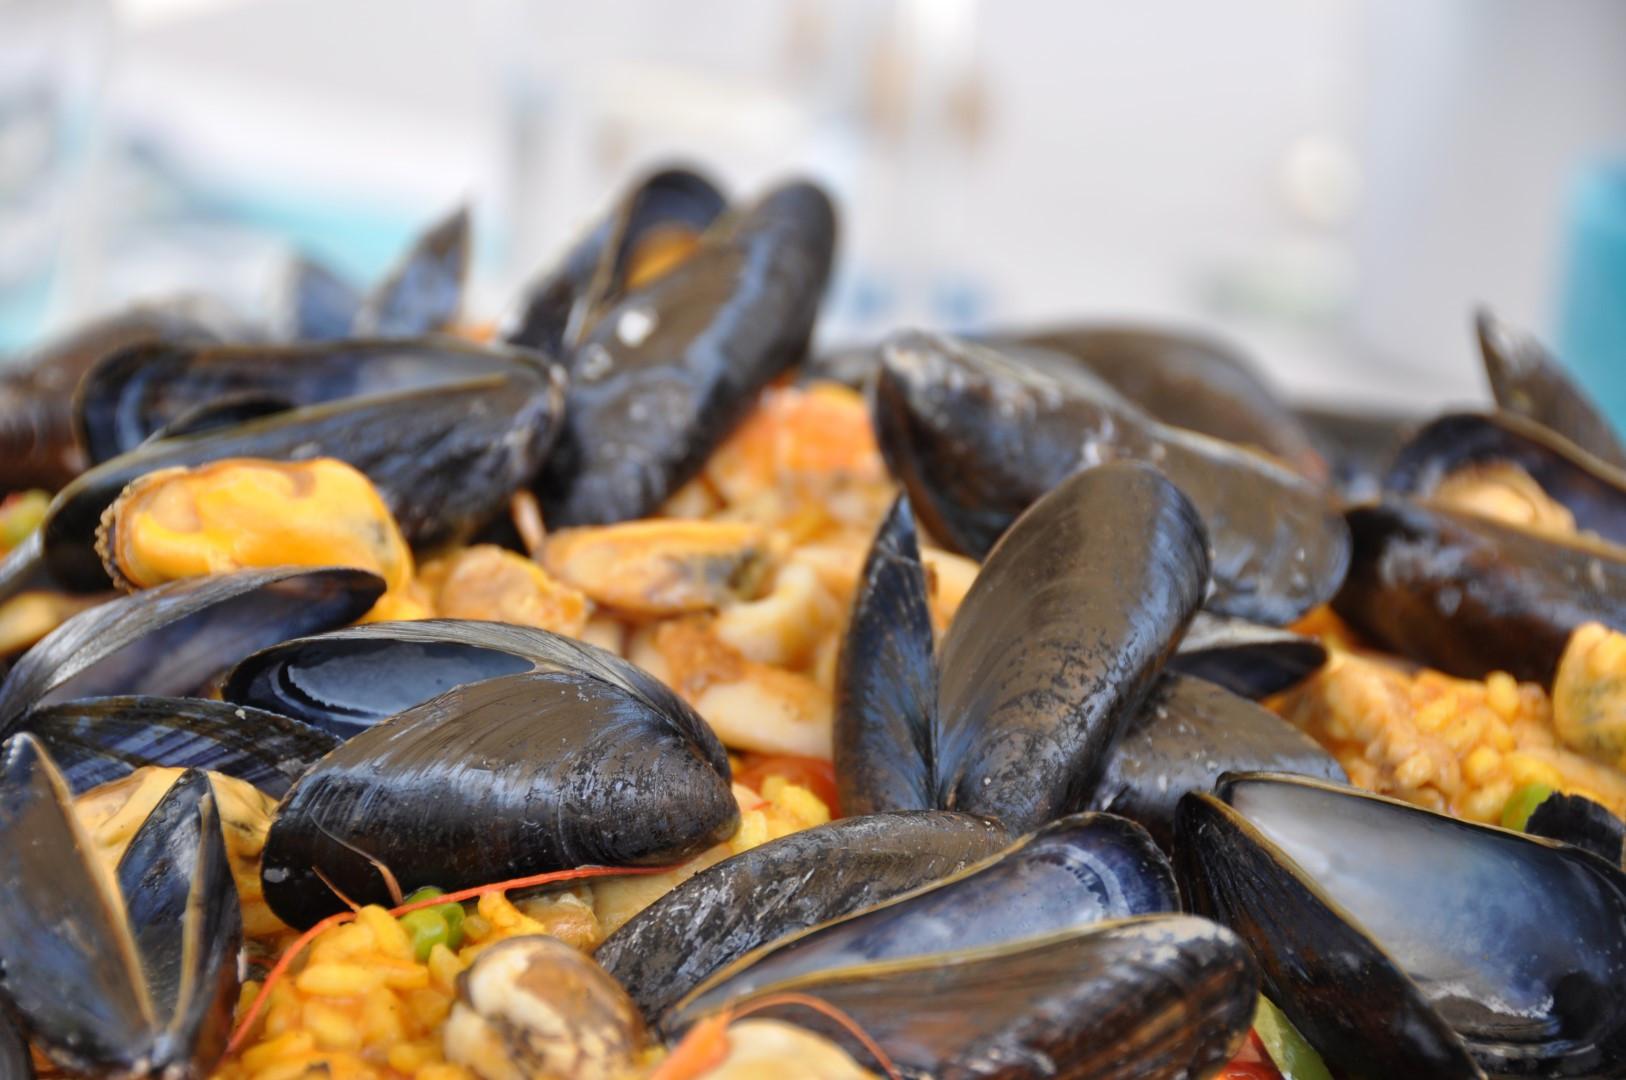 Seafood-Paella-Madrid.jpg